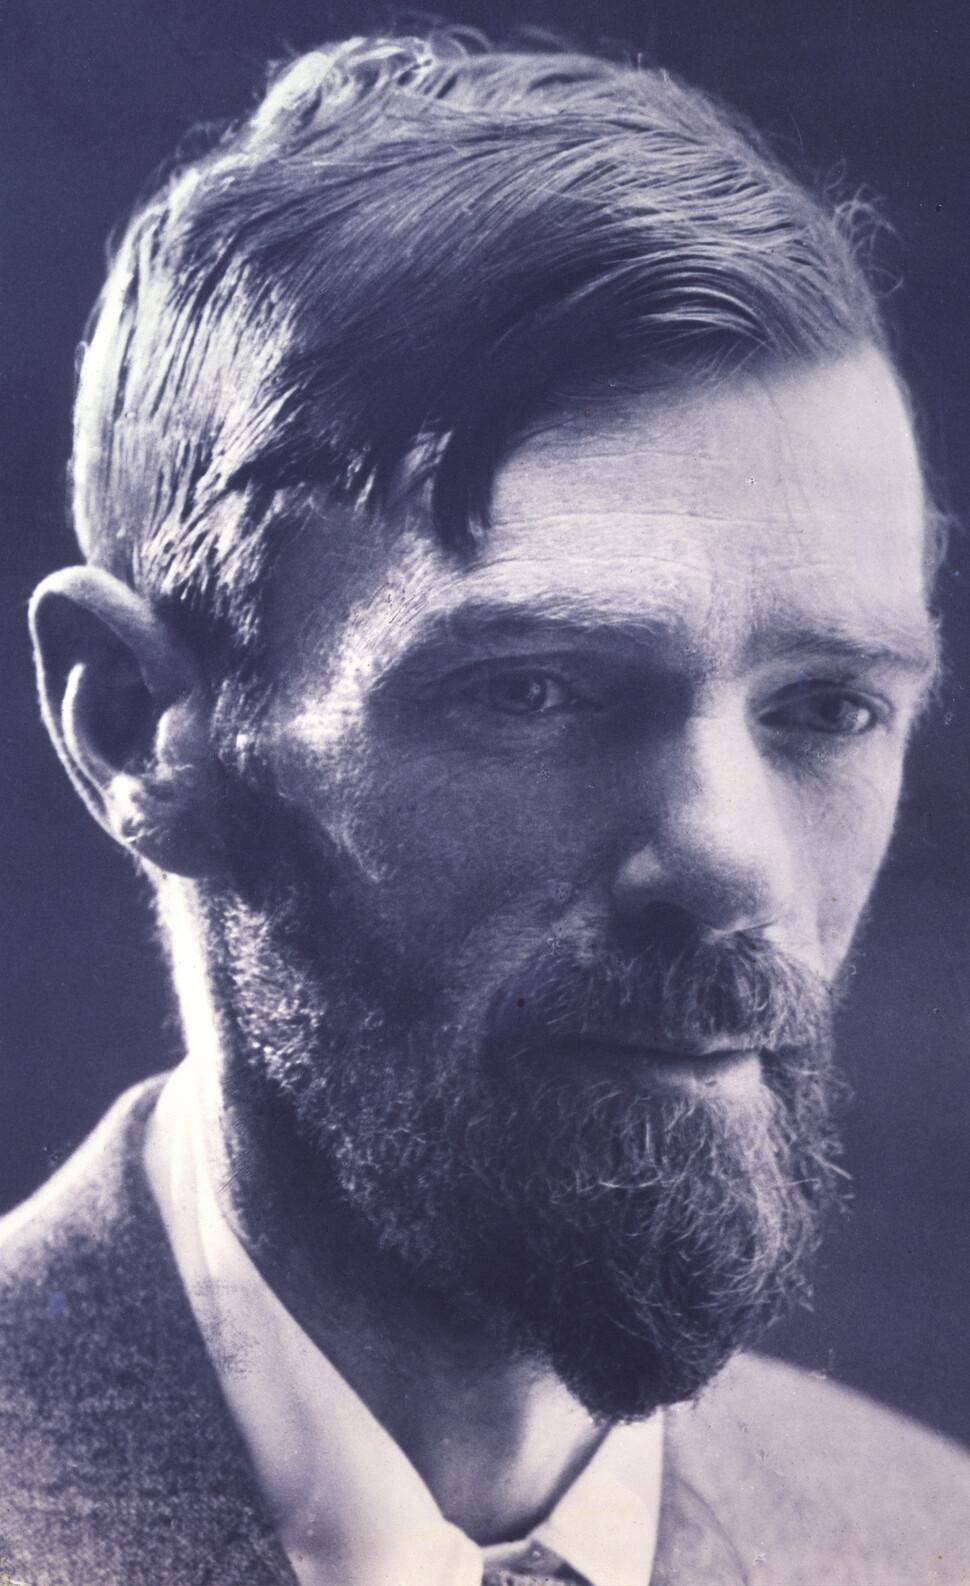 20세기 영문학의 거인 데이비드 허버트 로런스. ©National Portrait Gallery, London, 창비 제공.